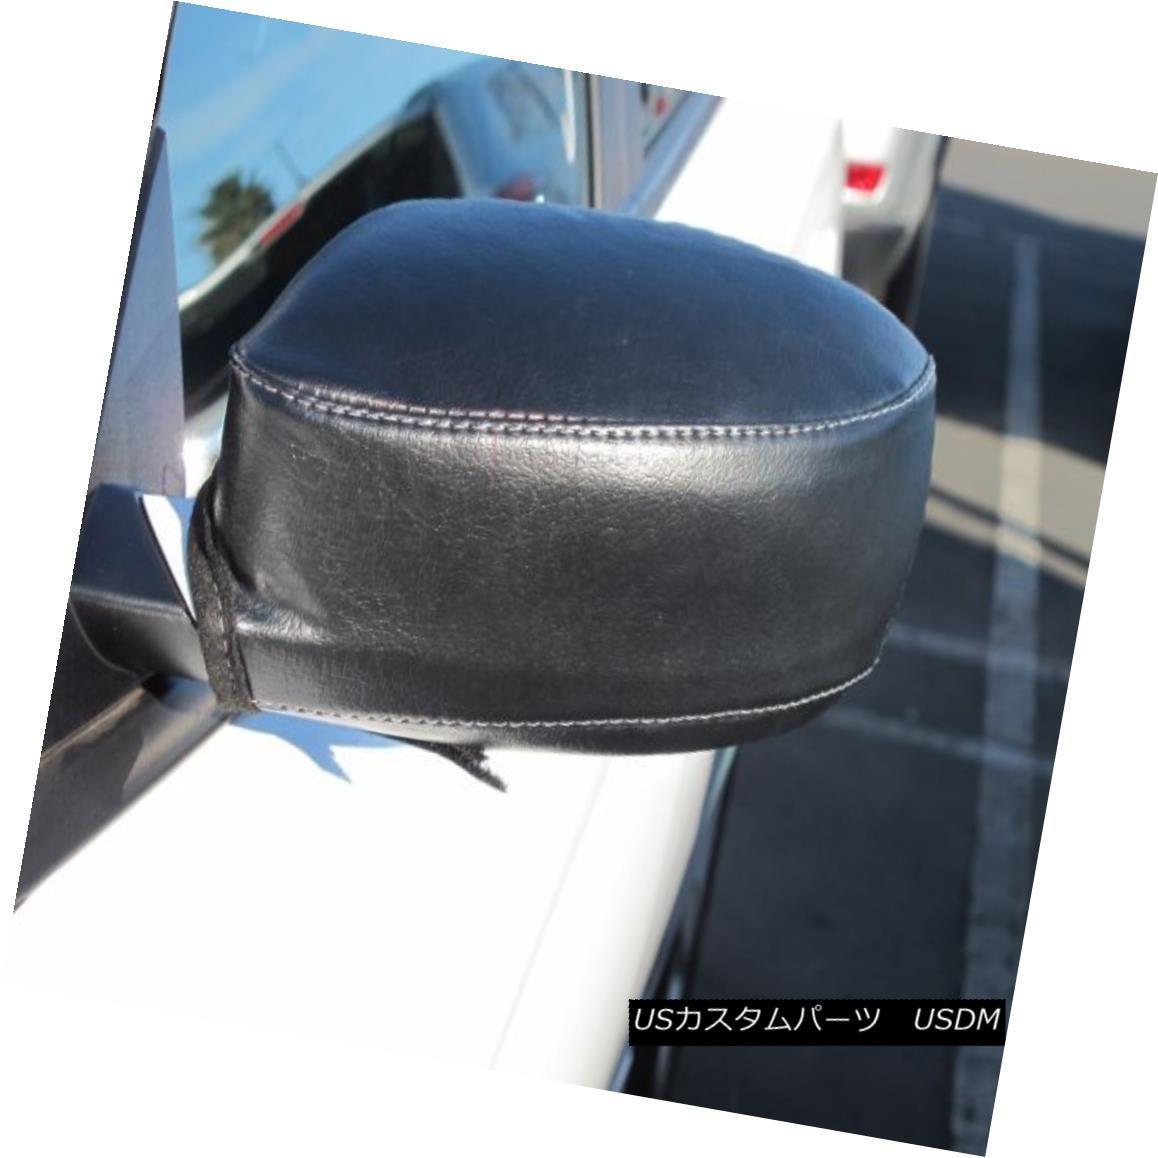 USフルブラ・USノーズブラ Colgan Car Mirror Covers Bra Protector Black Fits 12-13 DODGE Charger R/T, SXT, Colgan Car Mirror Coversブラプロテクターブラック12-13 DODGE充電器R / T、SXT、